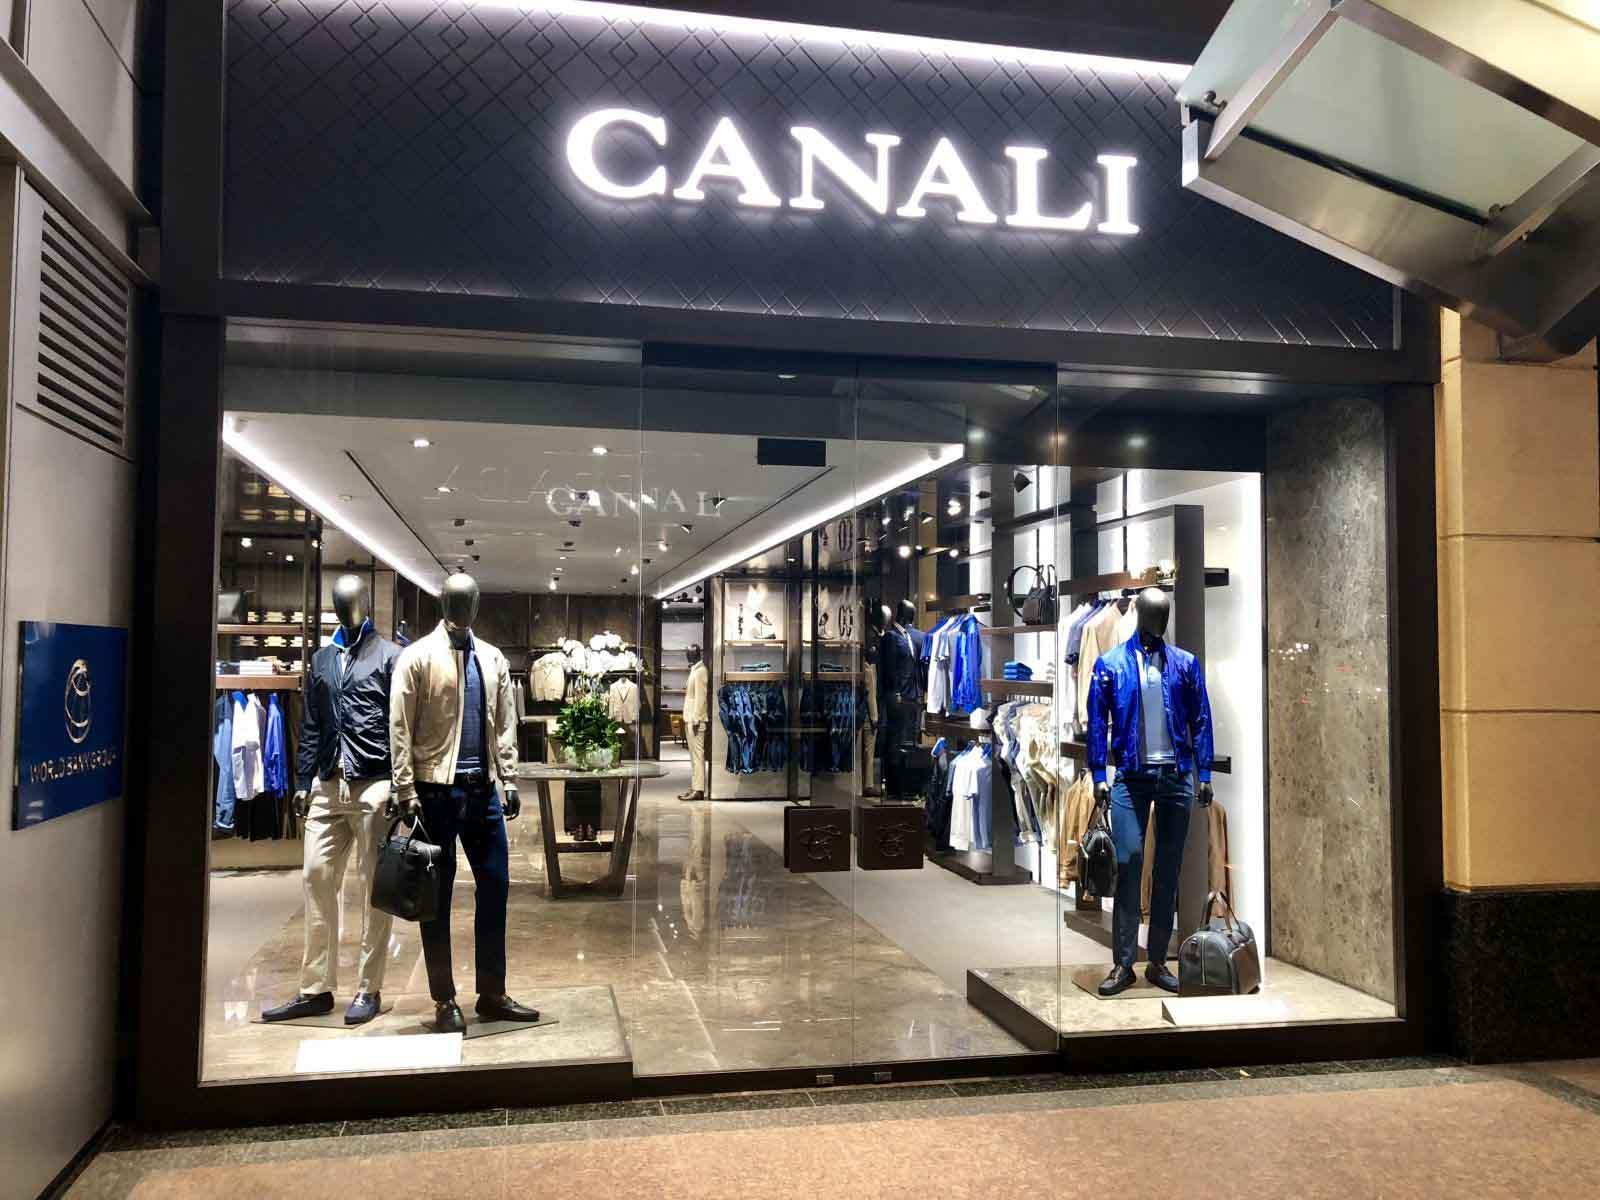 Canali - Thương hiệu thời trang đẳng cấp của Ý khai trương cửa hàng đầu tiên